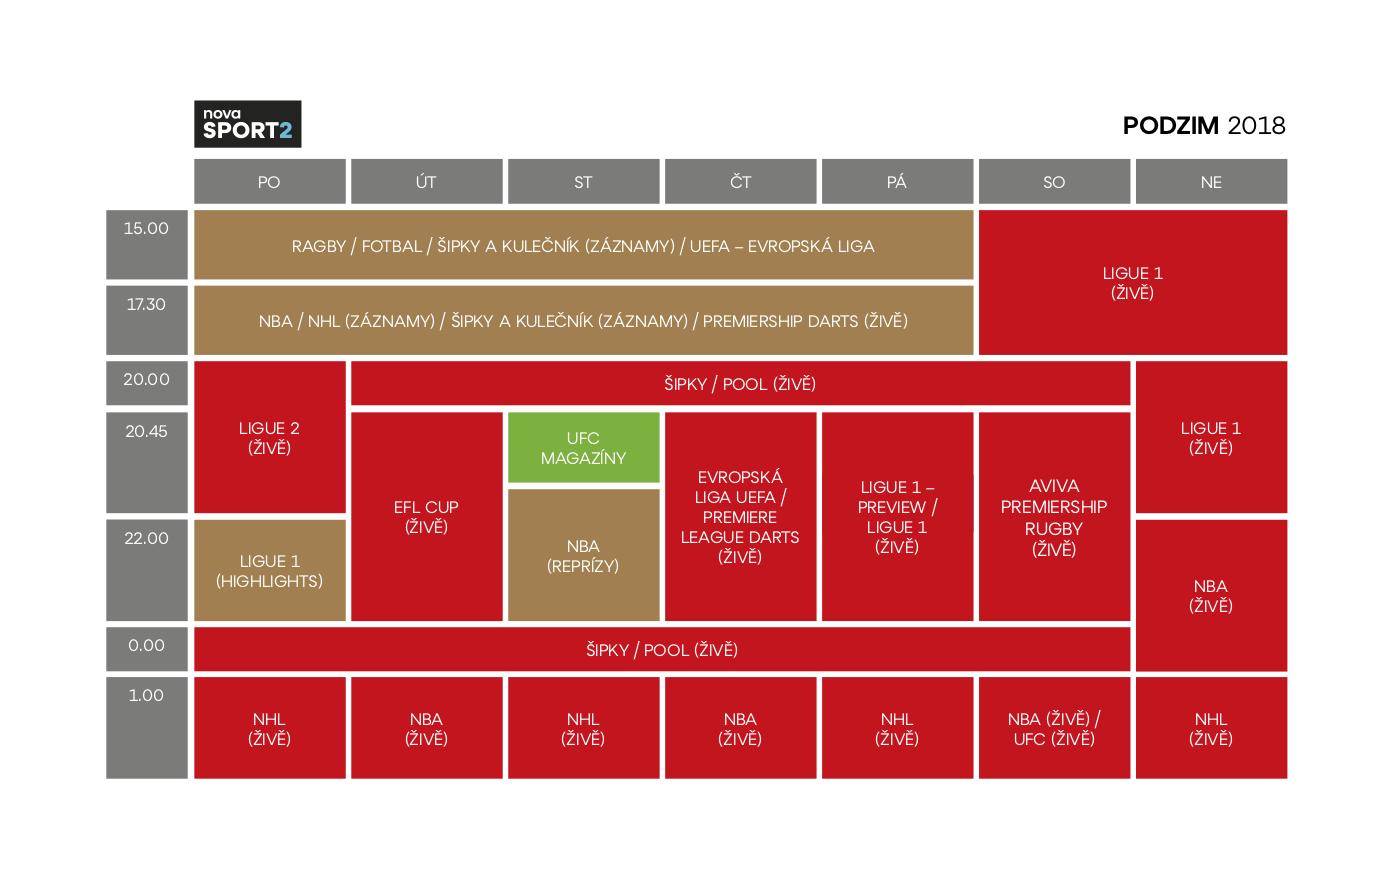 Programové schéma kanálu Nova Sport 2, podzim 2018